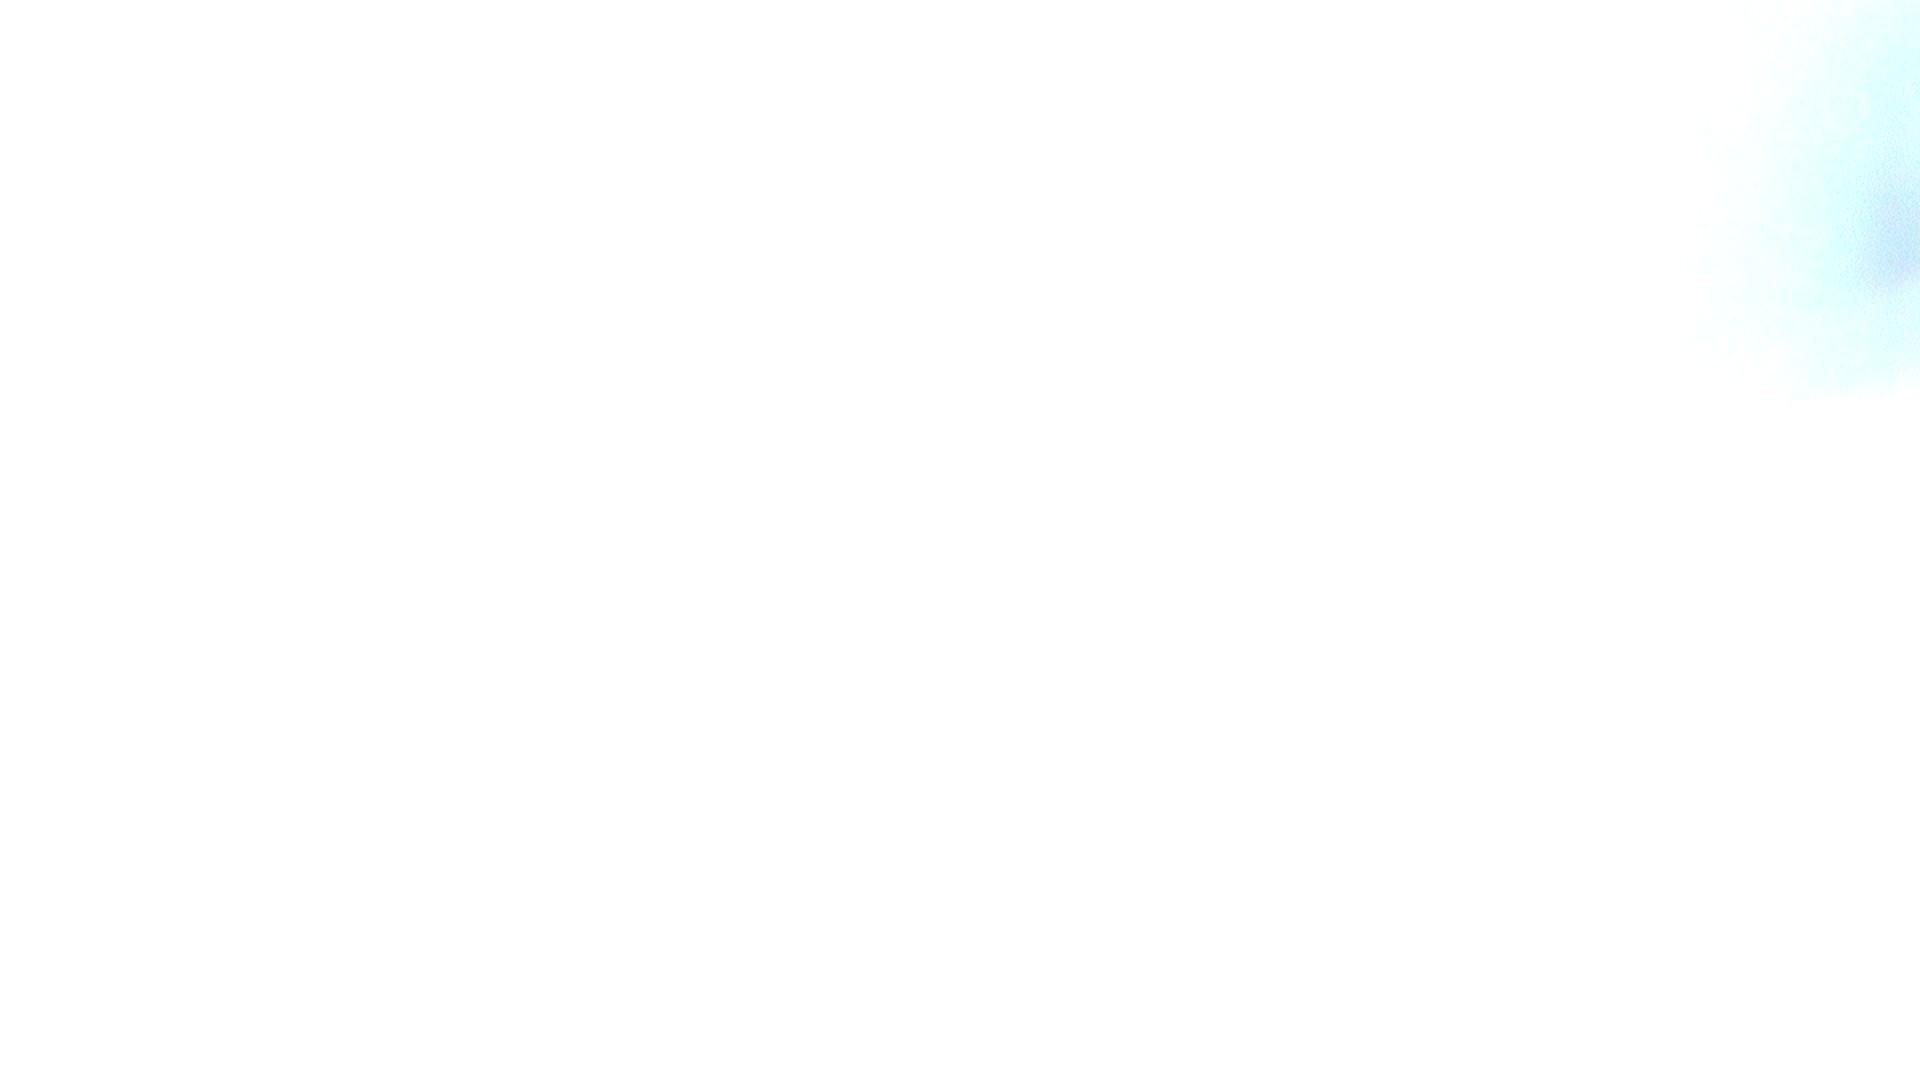 ※100個限定販売 至高下半身盗撮 プレミアム Vol.36 ハイビジョン ギャル達 戯れ無修正画像 105枚 16